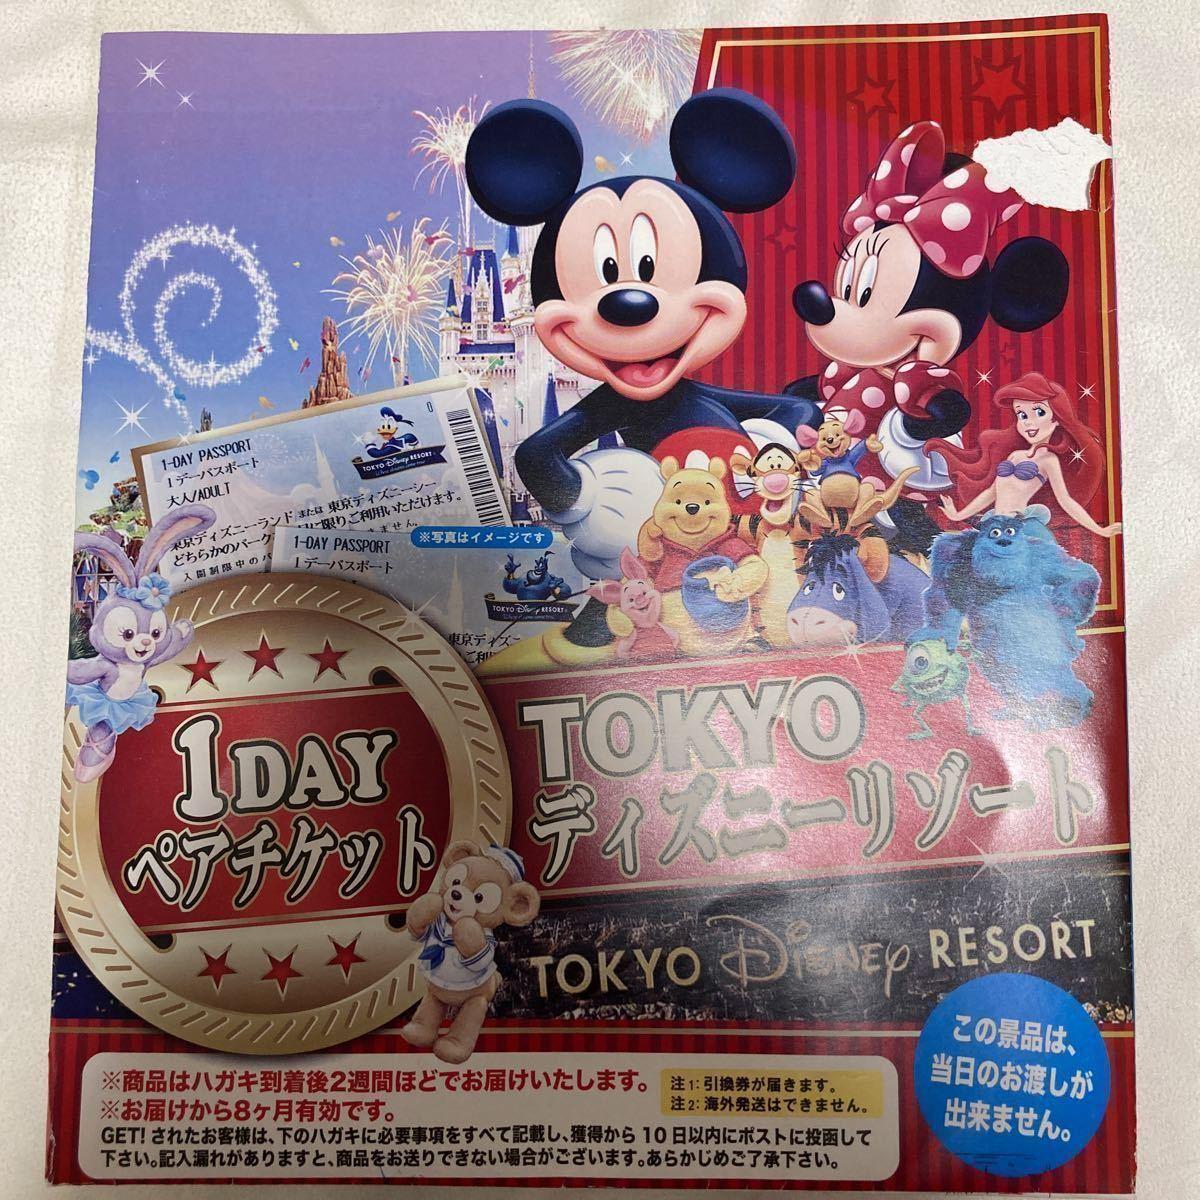 【送料込み】東京ディズニーリゾート TDR 1day ペアチケット ディズニーランド TDL ディズニーシー TDS パスポート 引換券_画像1